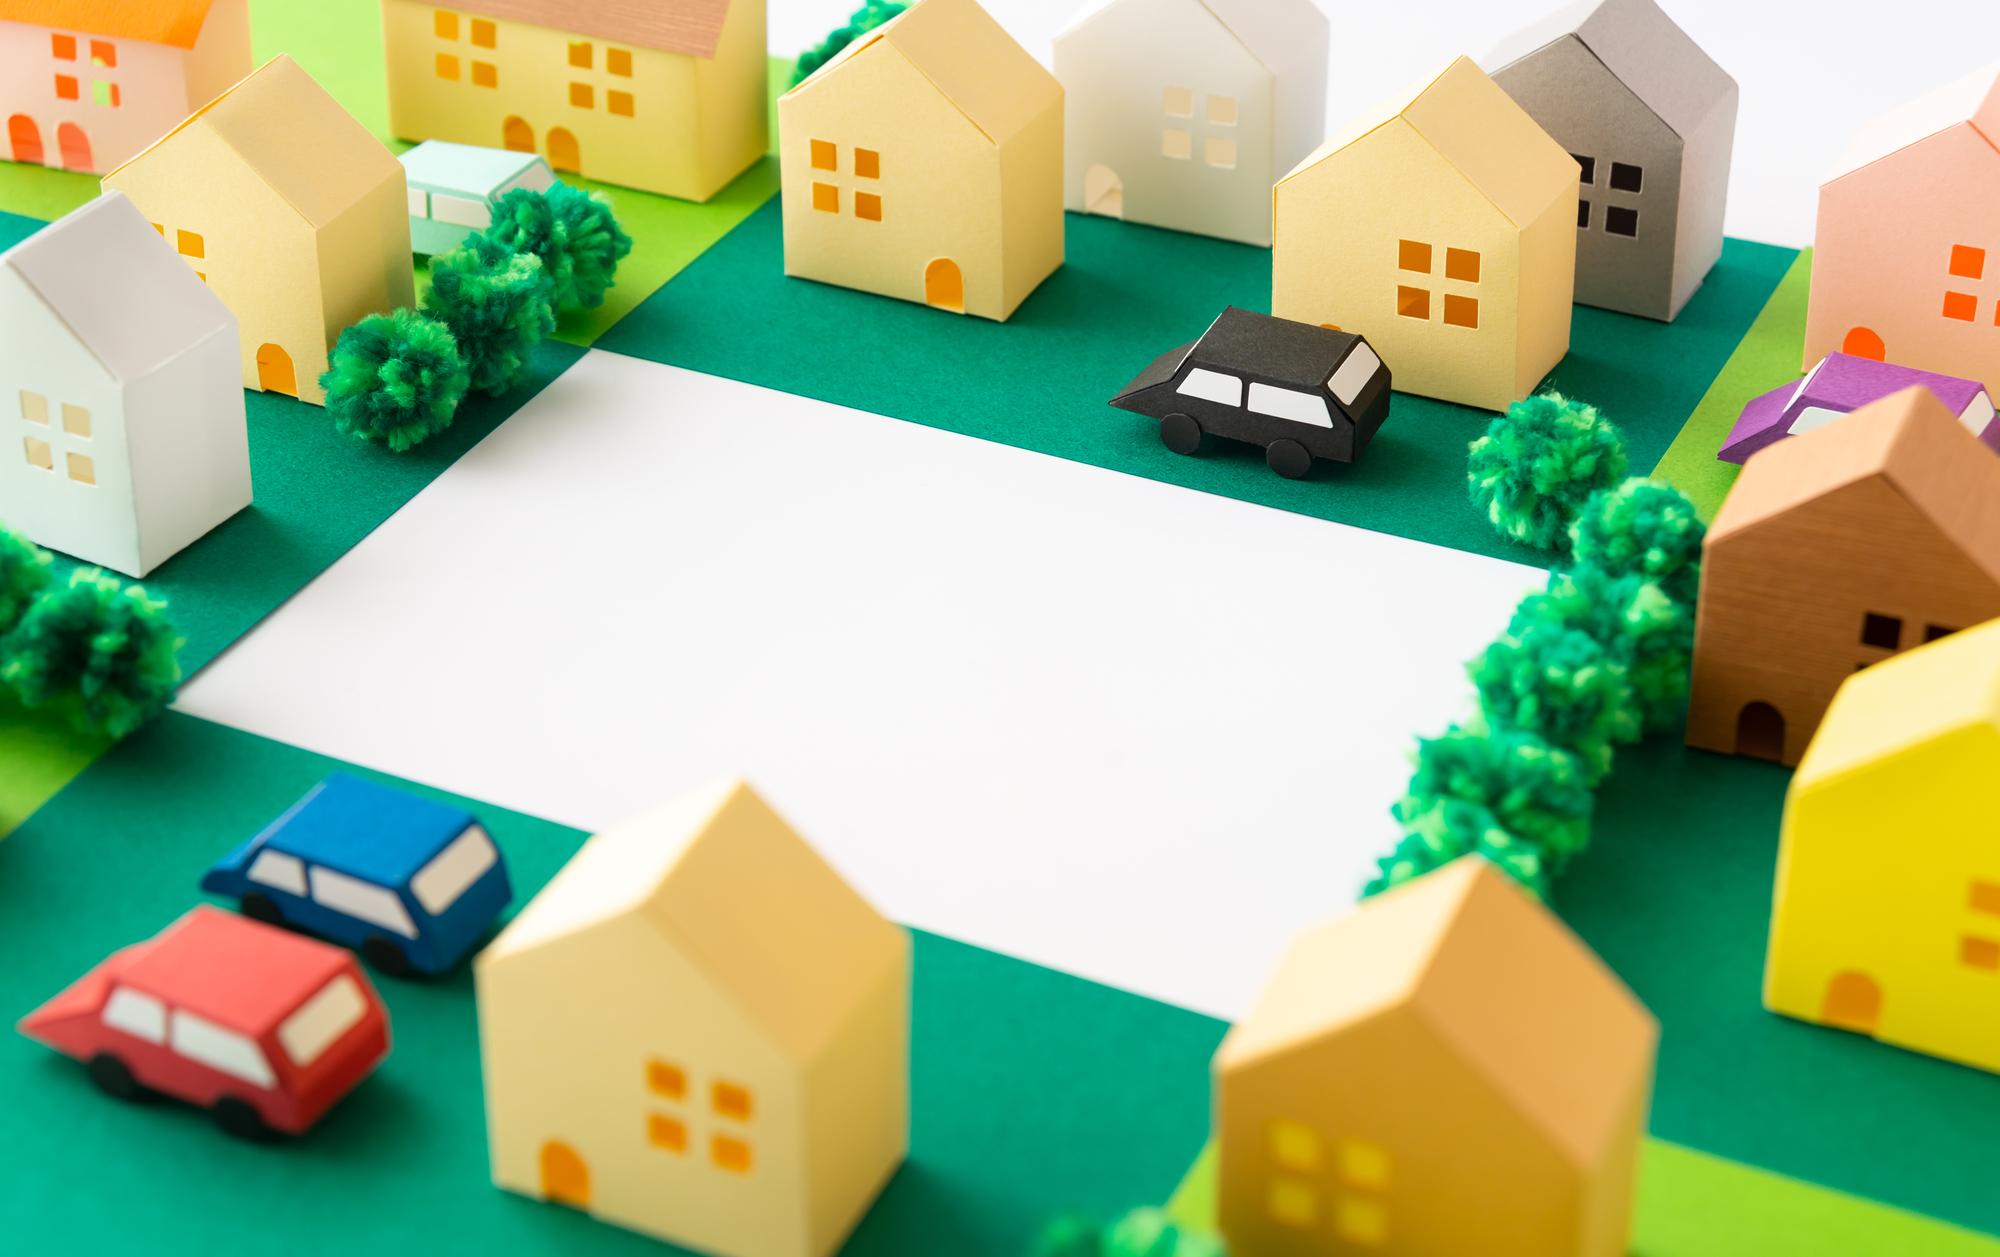 遺産相続した土地はすぐに売却すべき!理由や方法を解説